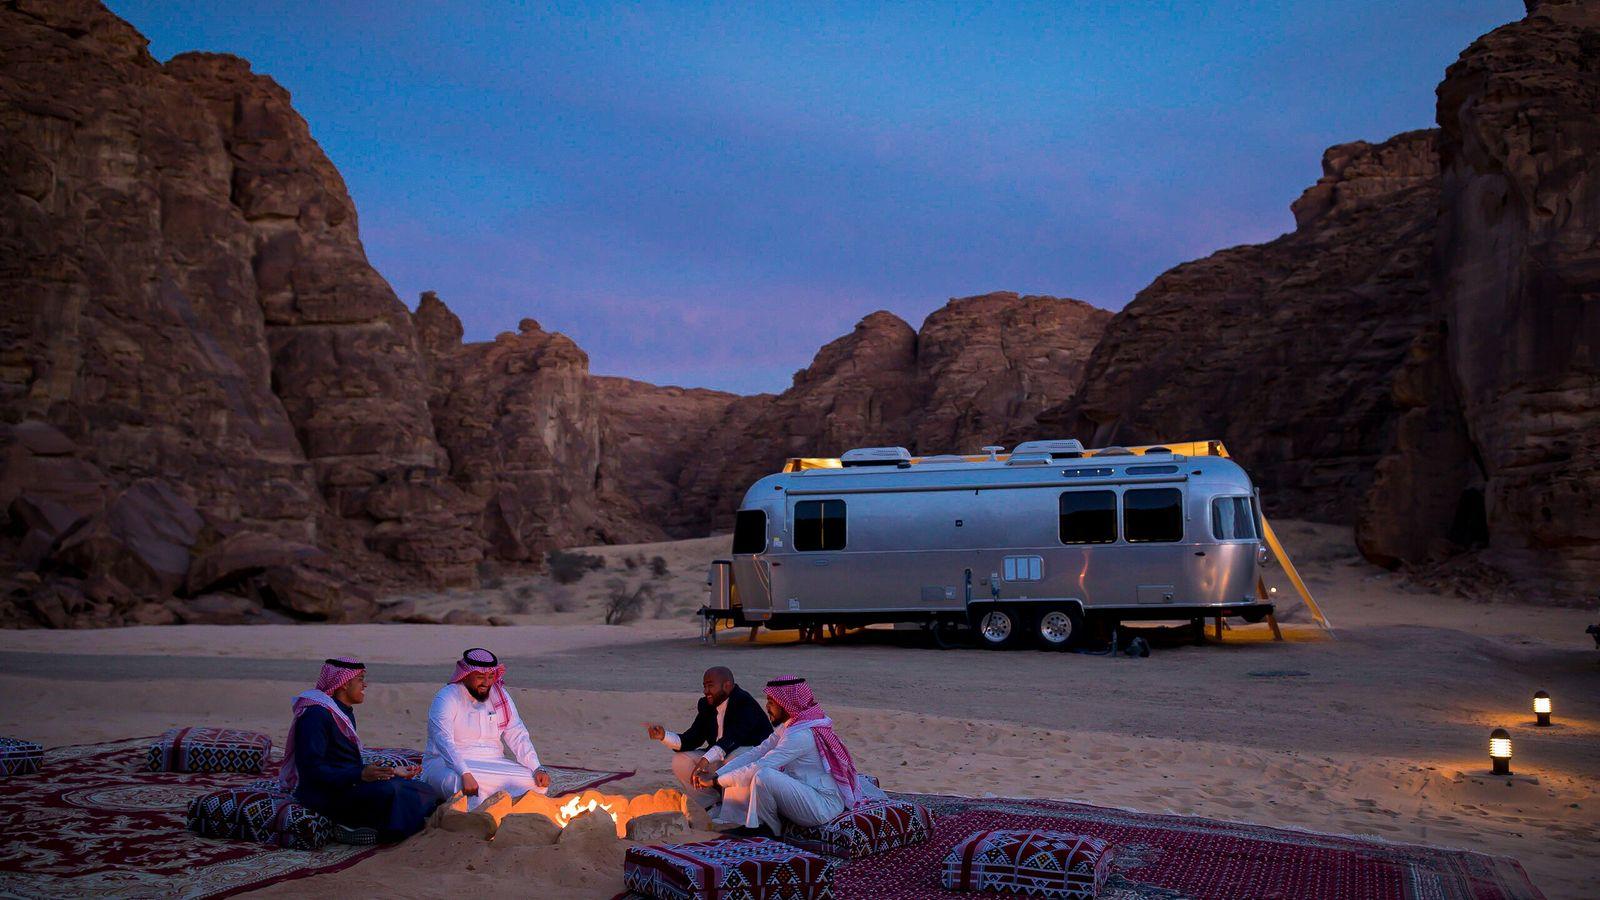 Al 'Ula, Saudi Arabia